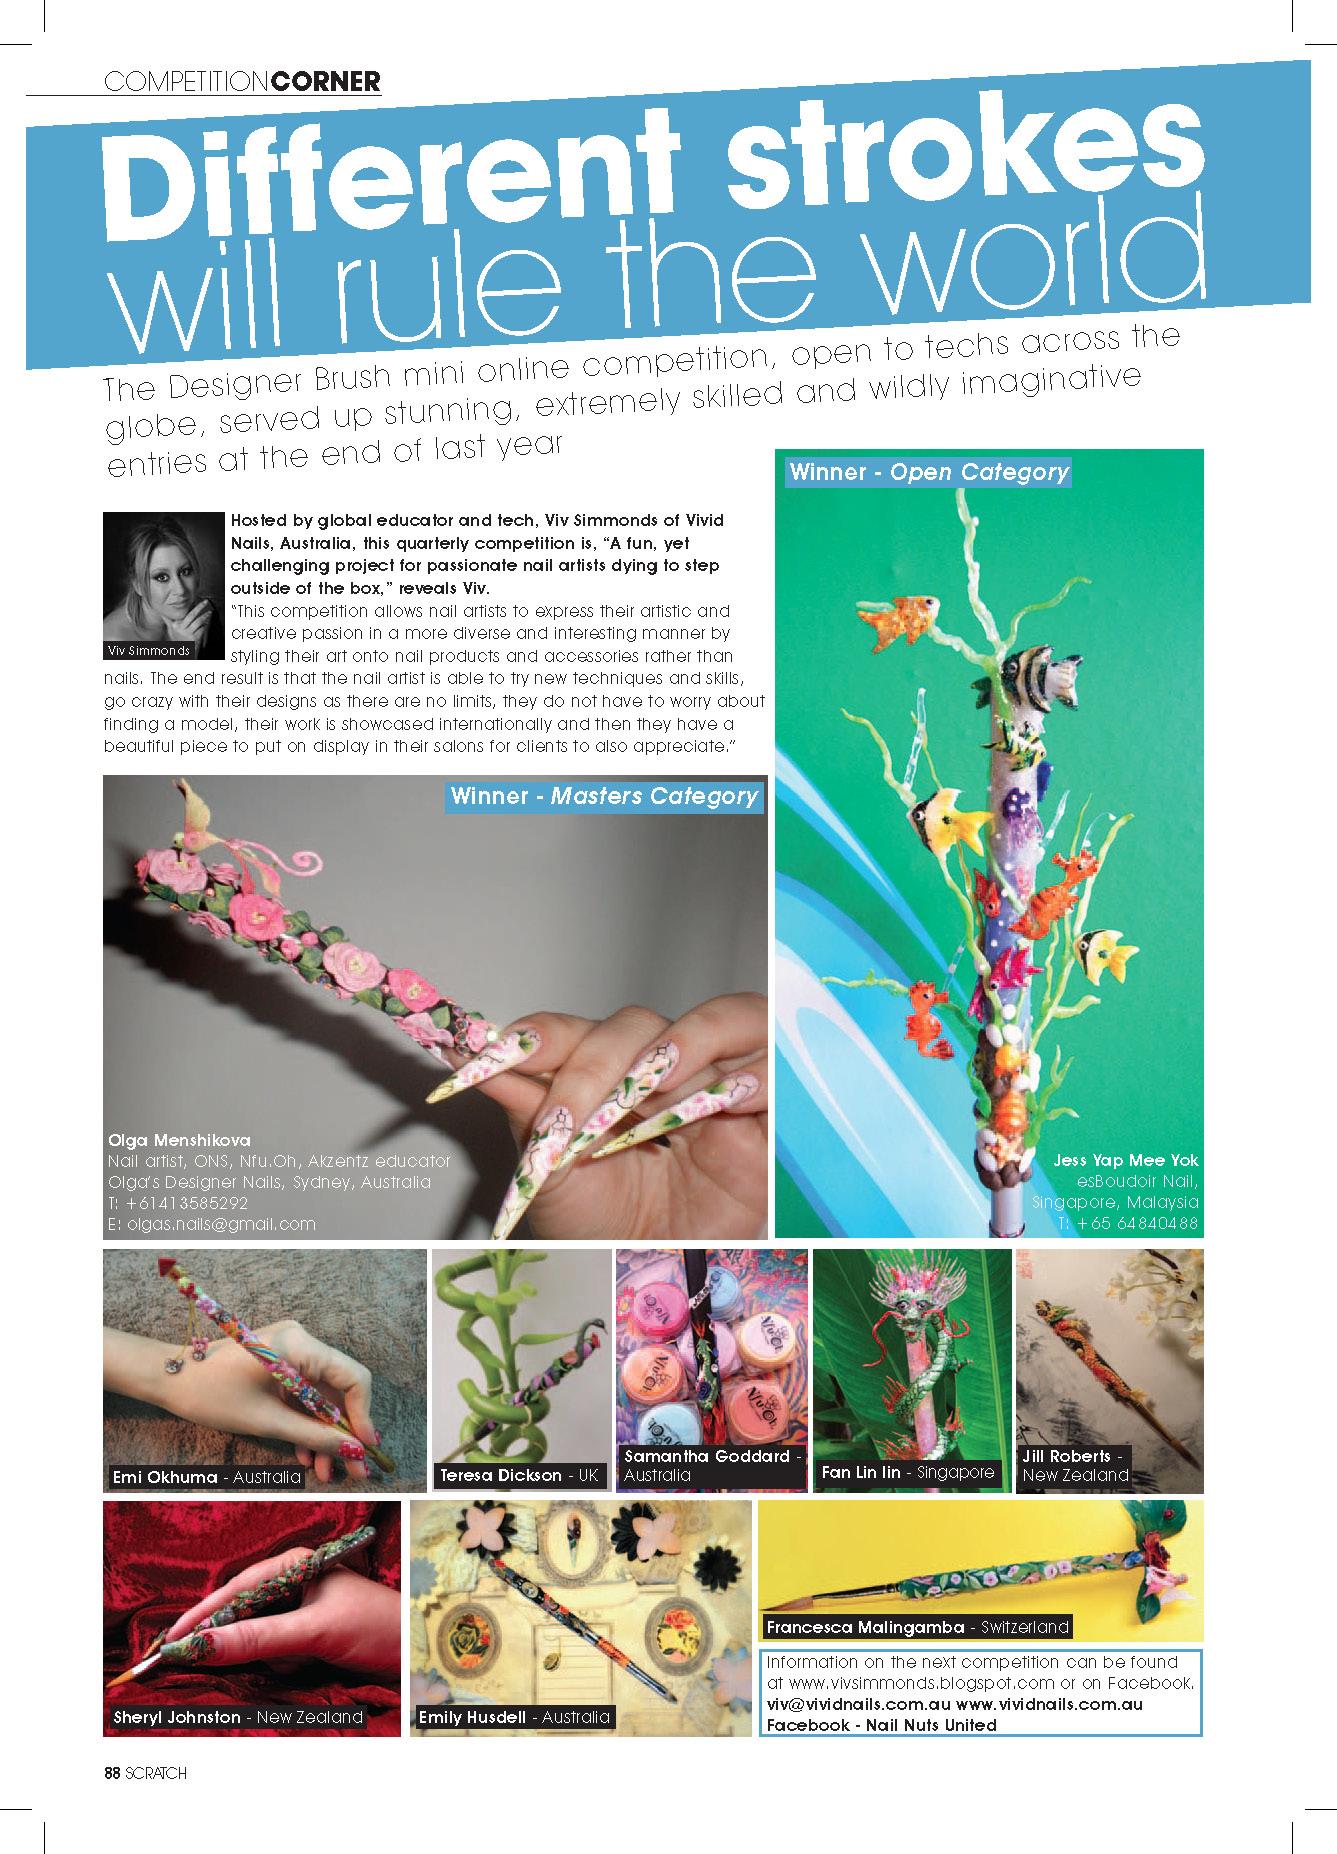 March 2011 Designer brush comp